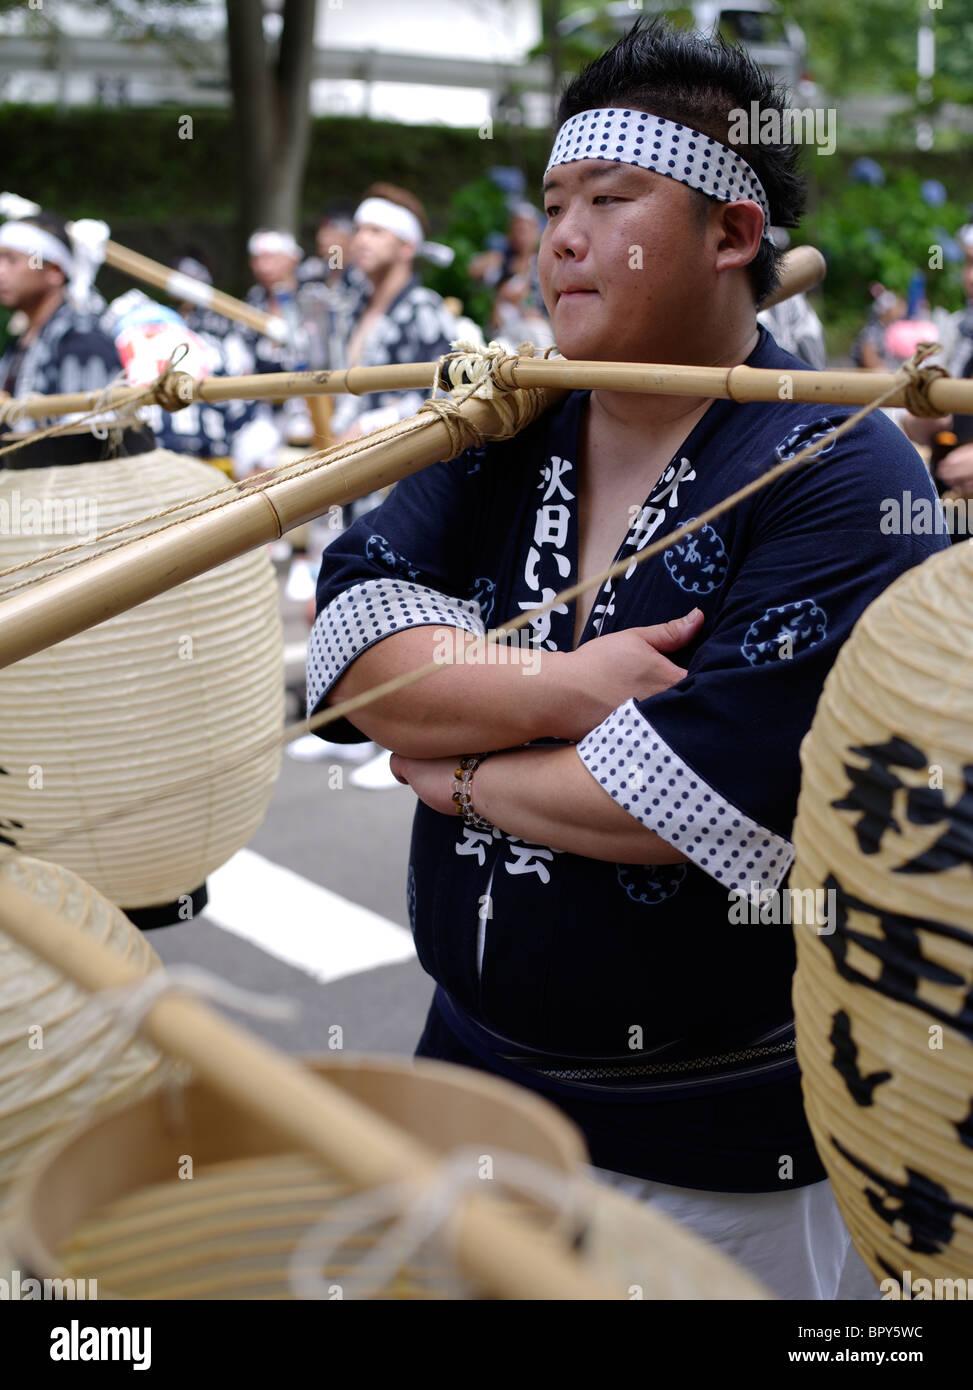 Japanese man carrying lanterns at Akita Kanto Matsuri Lantern Festival Stock Photo